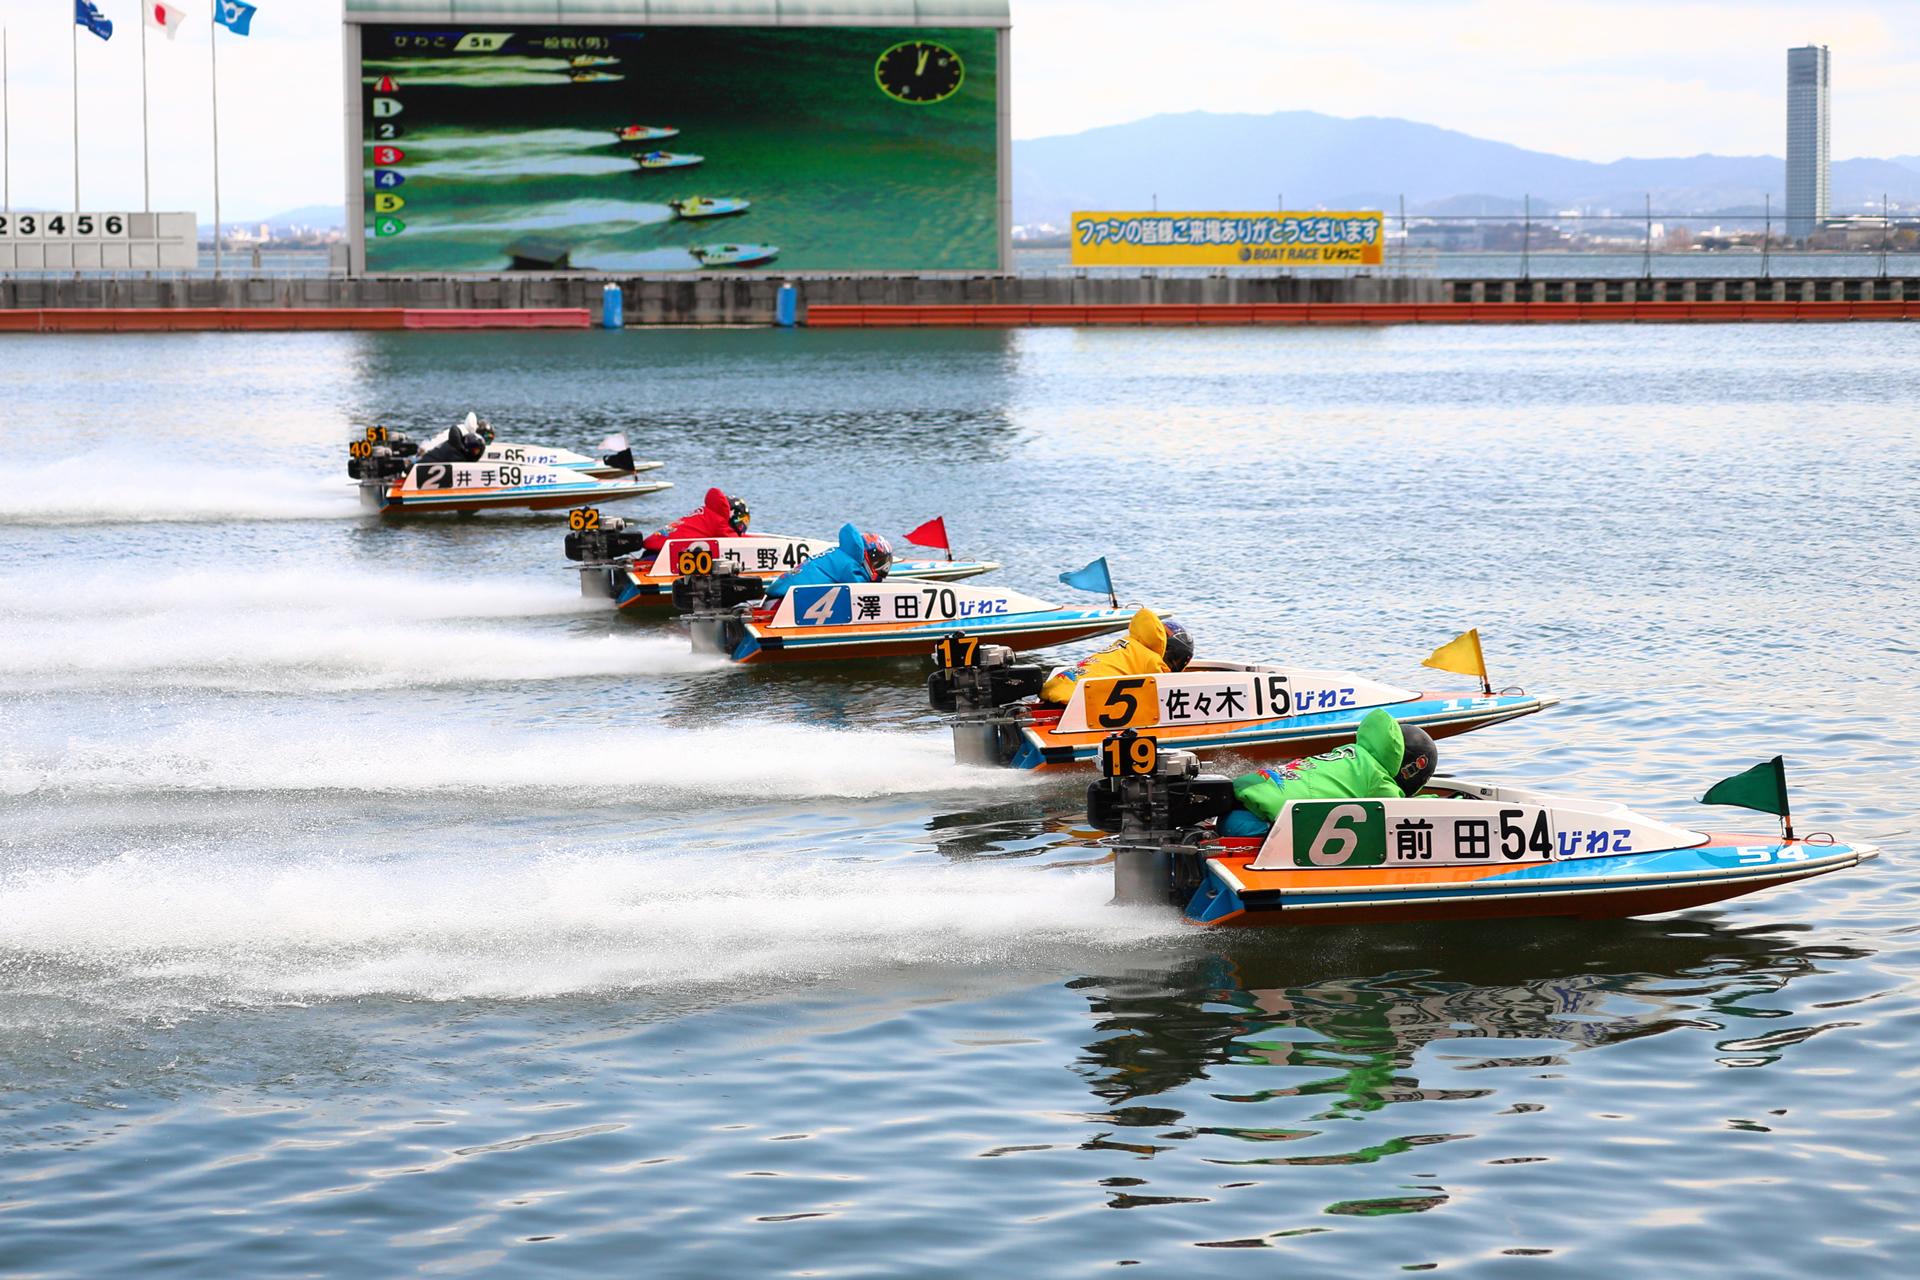 ボートレースびわこ(日本最大の湖・琵琶湖を望む景観を持つ 1952年(昭和27年)開設 全国で2番目の公認コース)